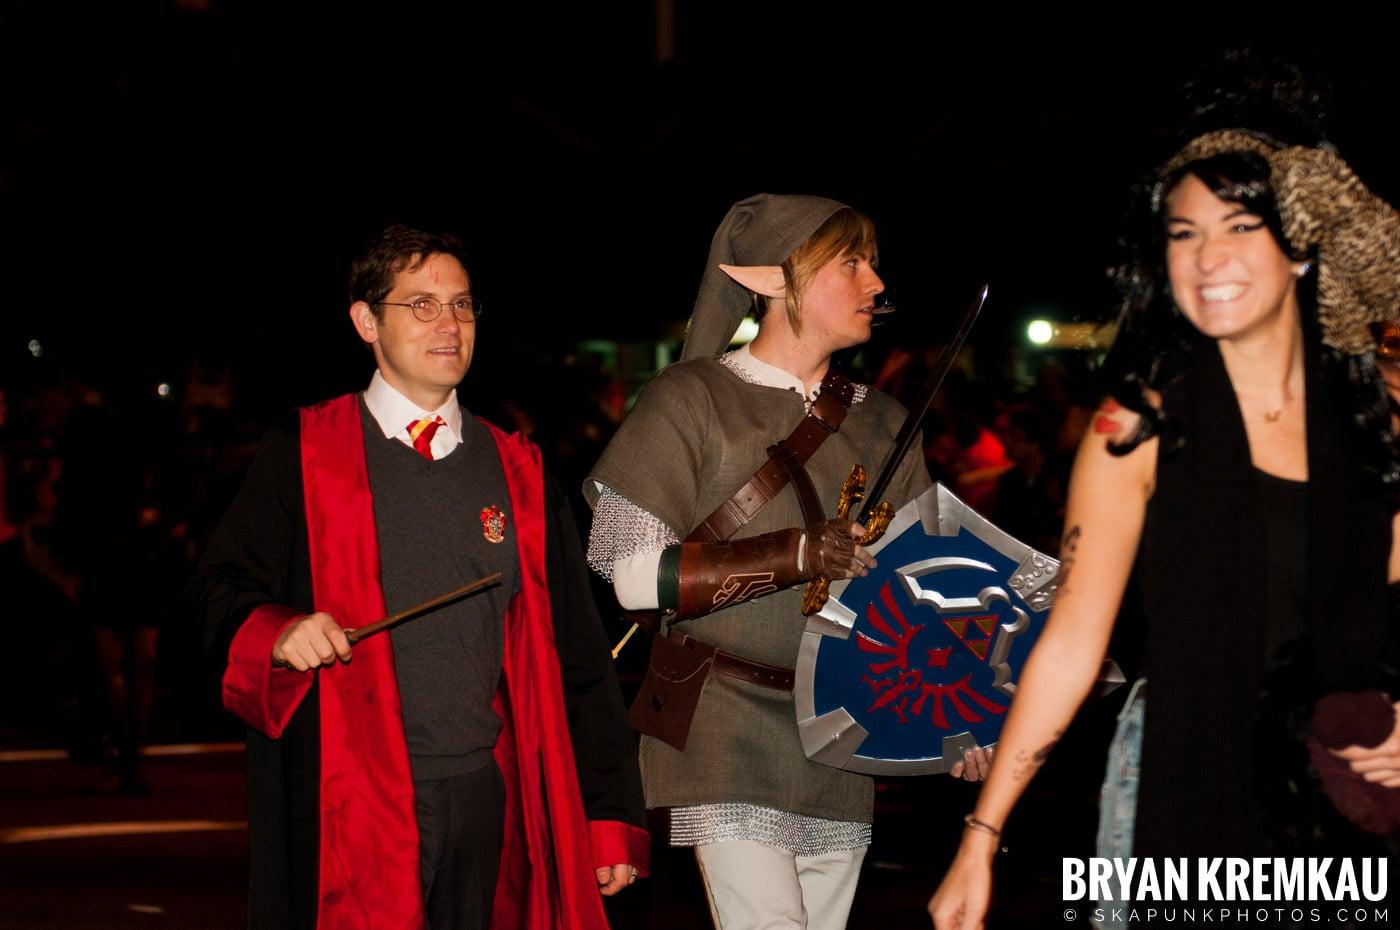 NYC Halloween Parade 2011 @ New York, NY - 10.31.11 (63)